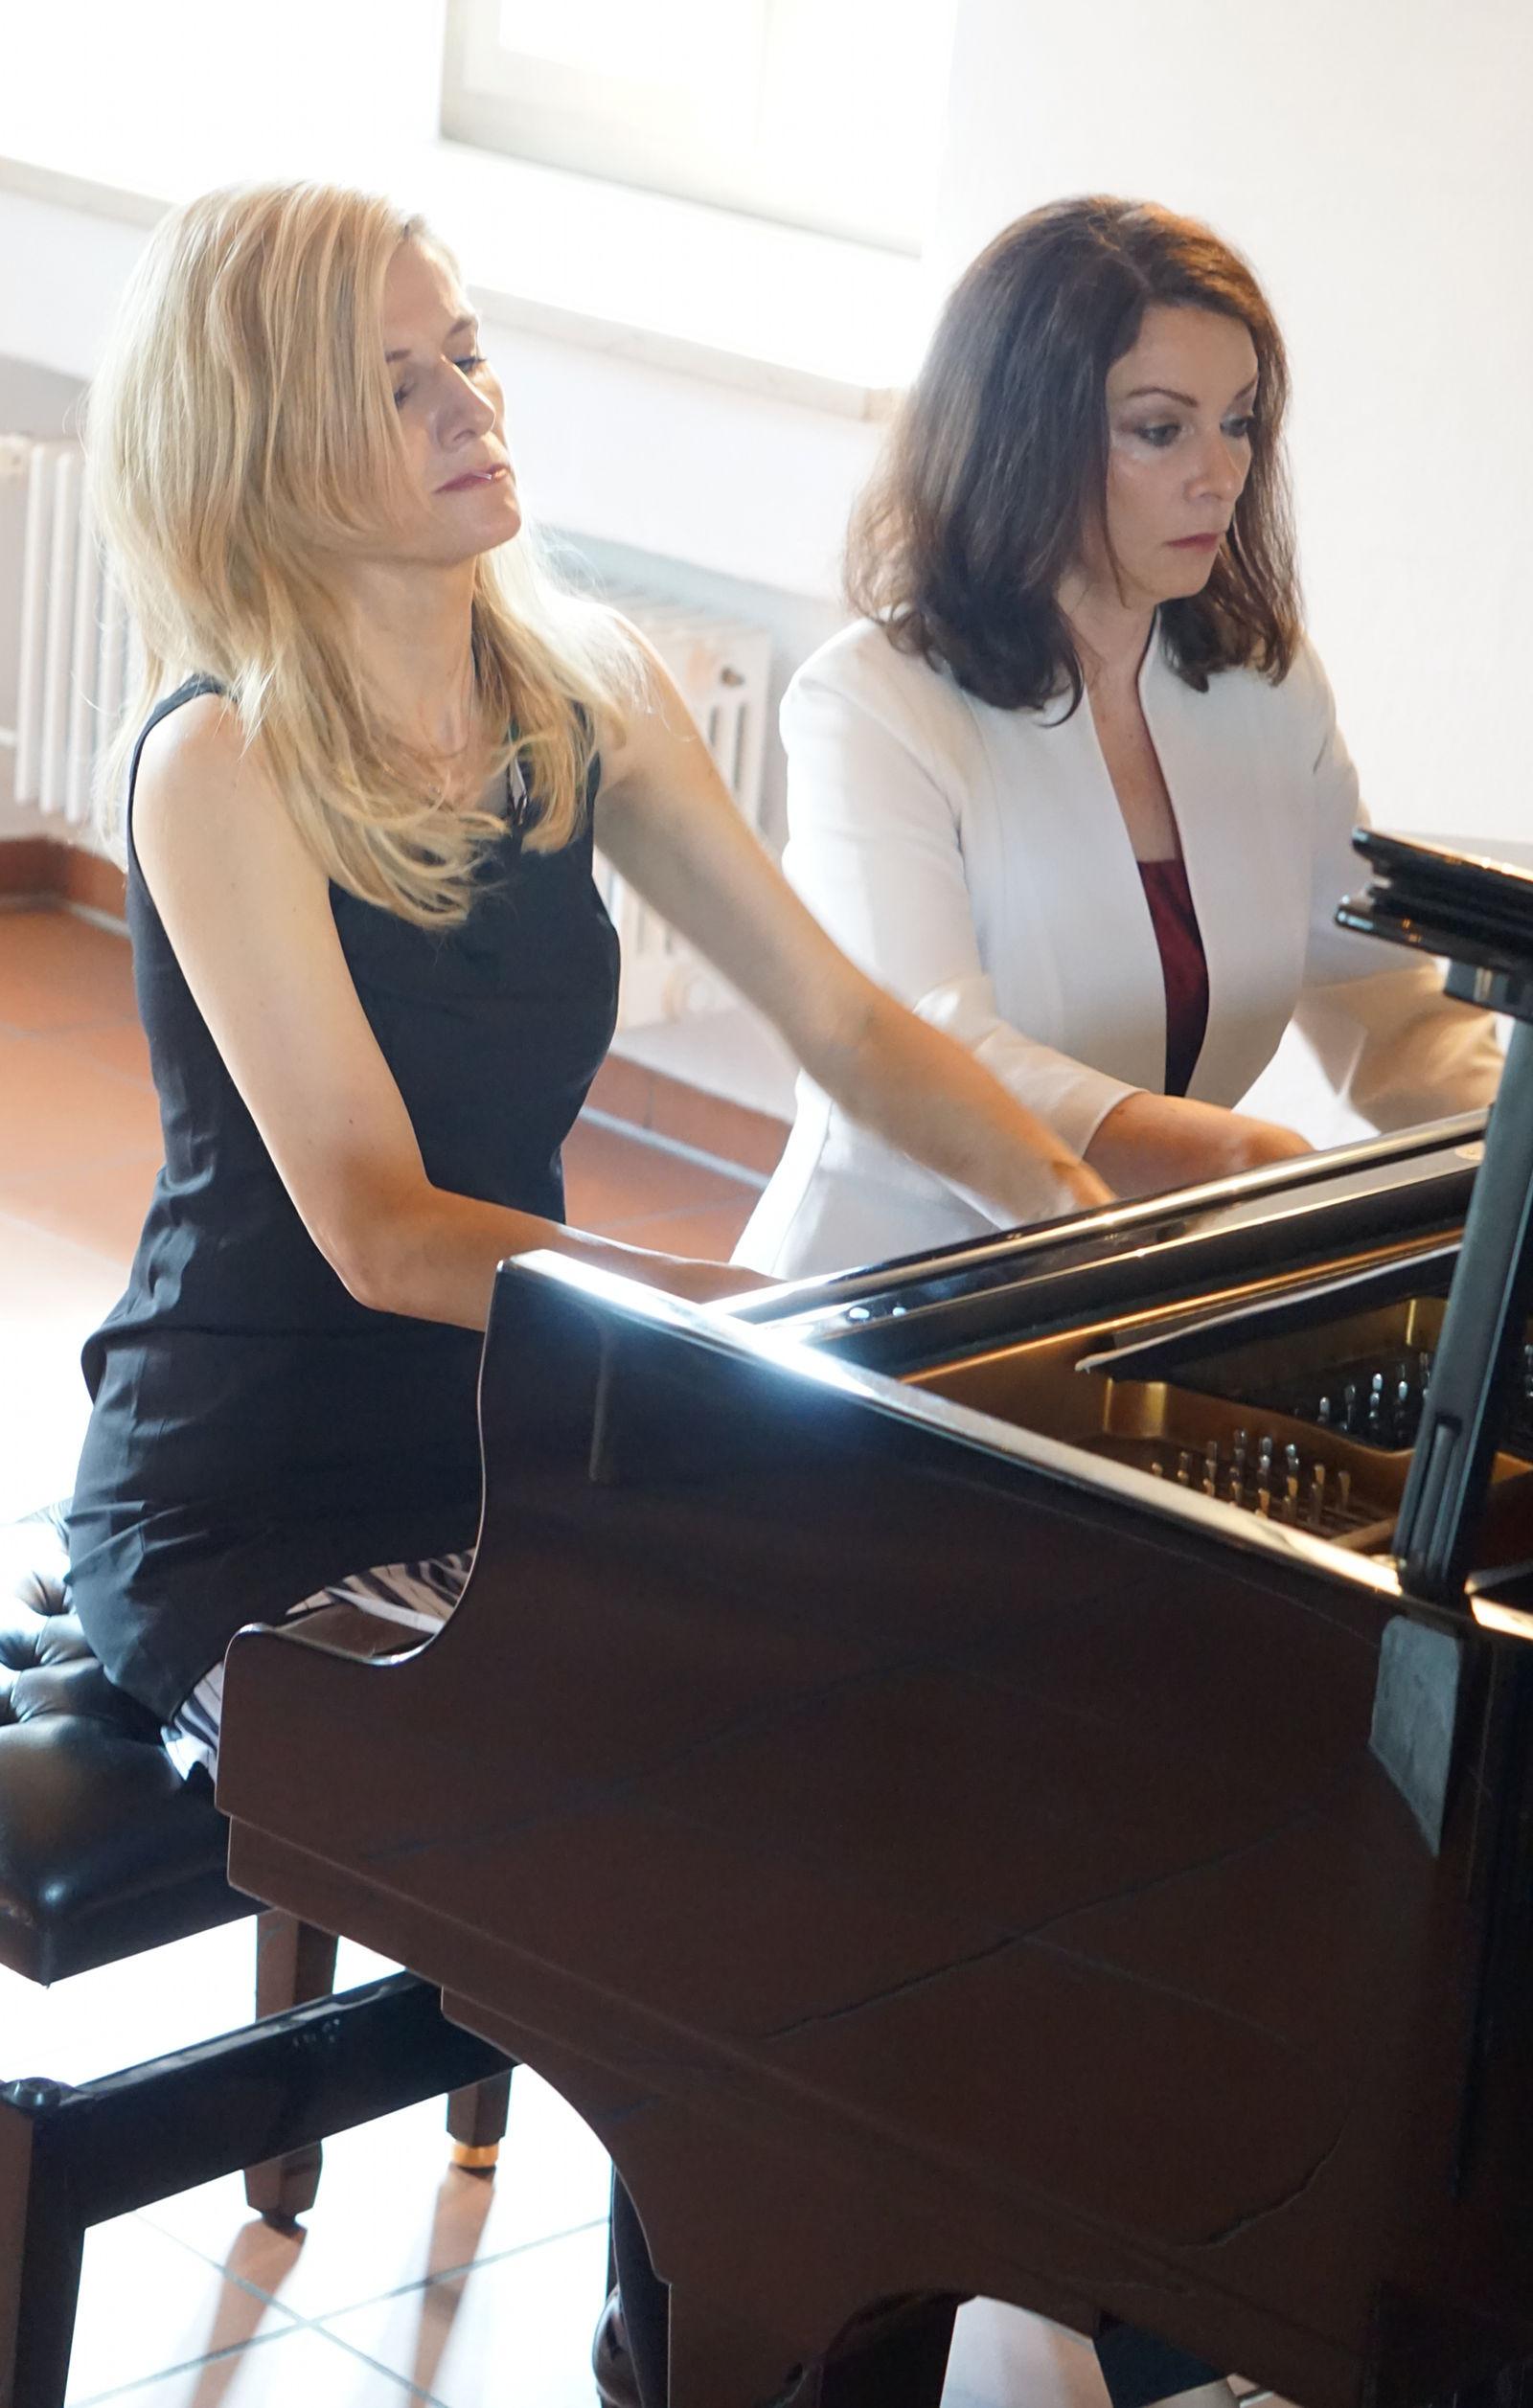 Stunde der Kammermusik mit den Schwestern Anna und Ines Walachowski; Photo von Daniel Baz